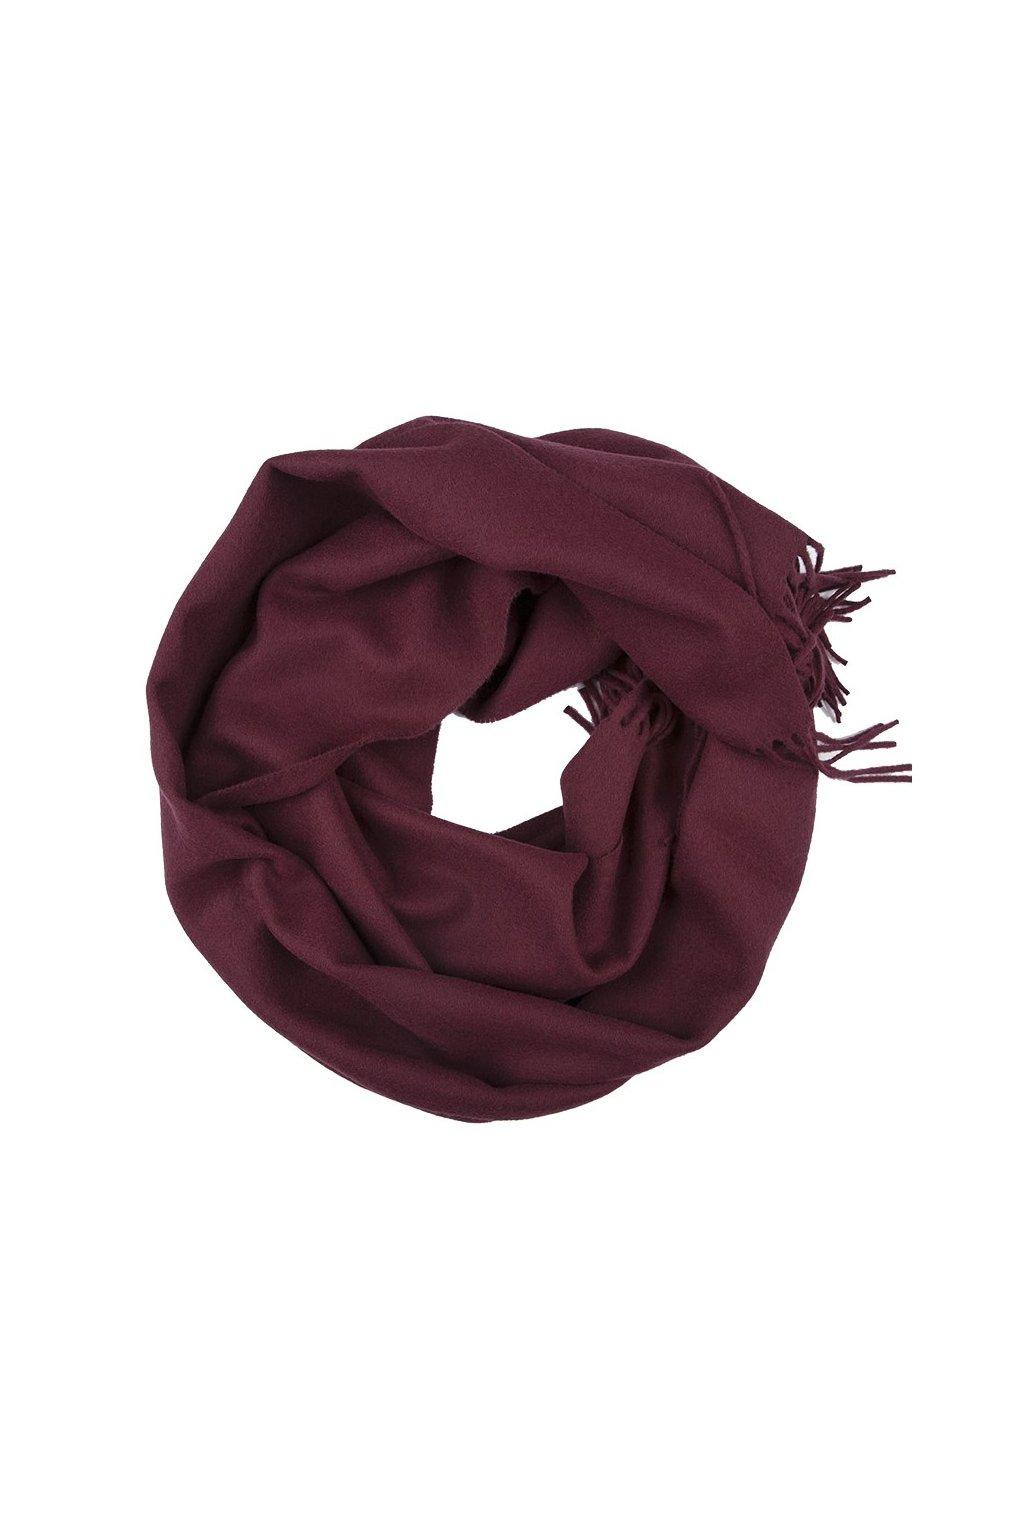 IT5013609 Wool light bordeaux